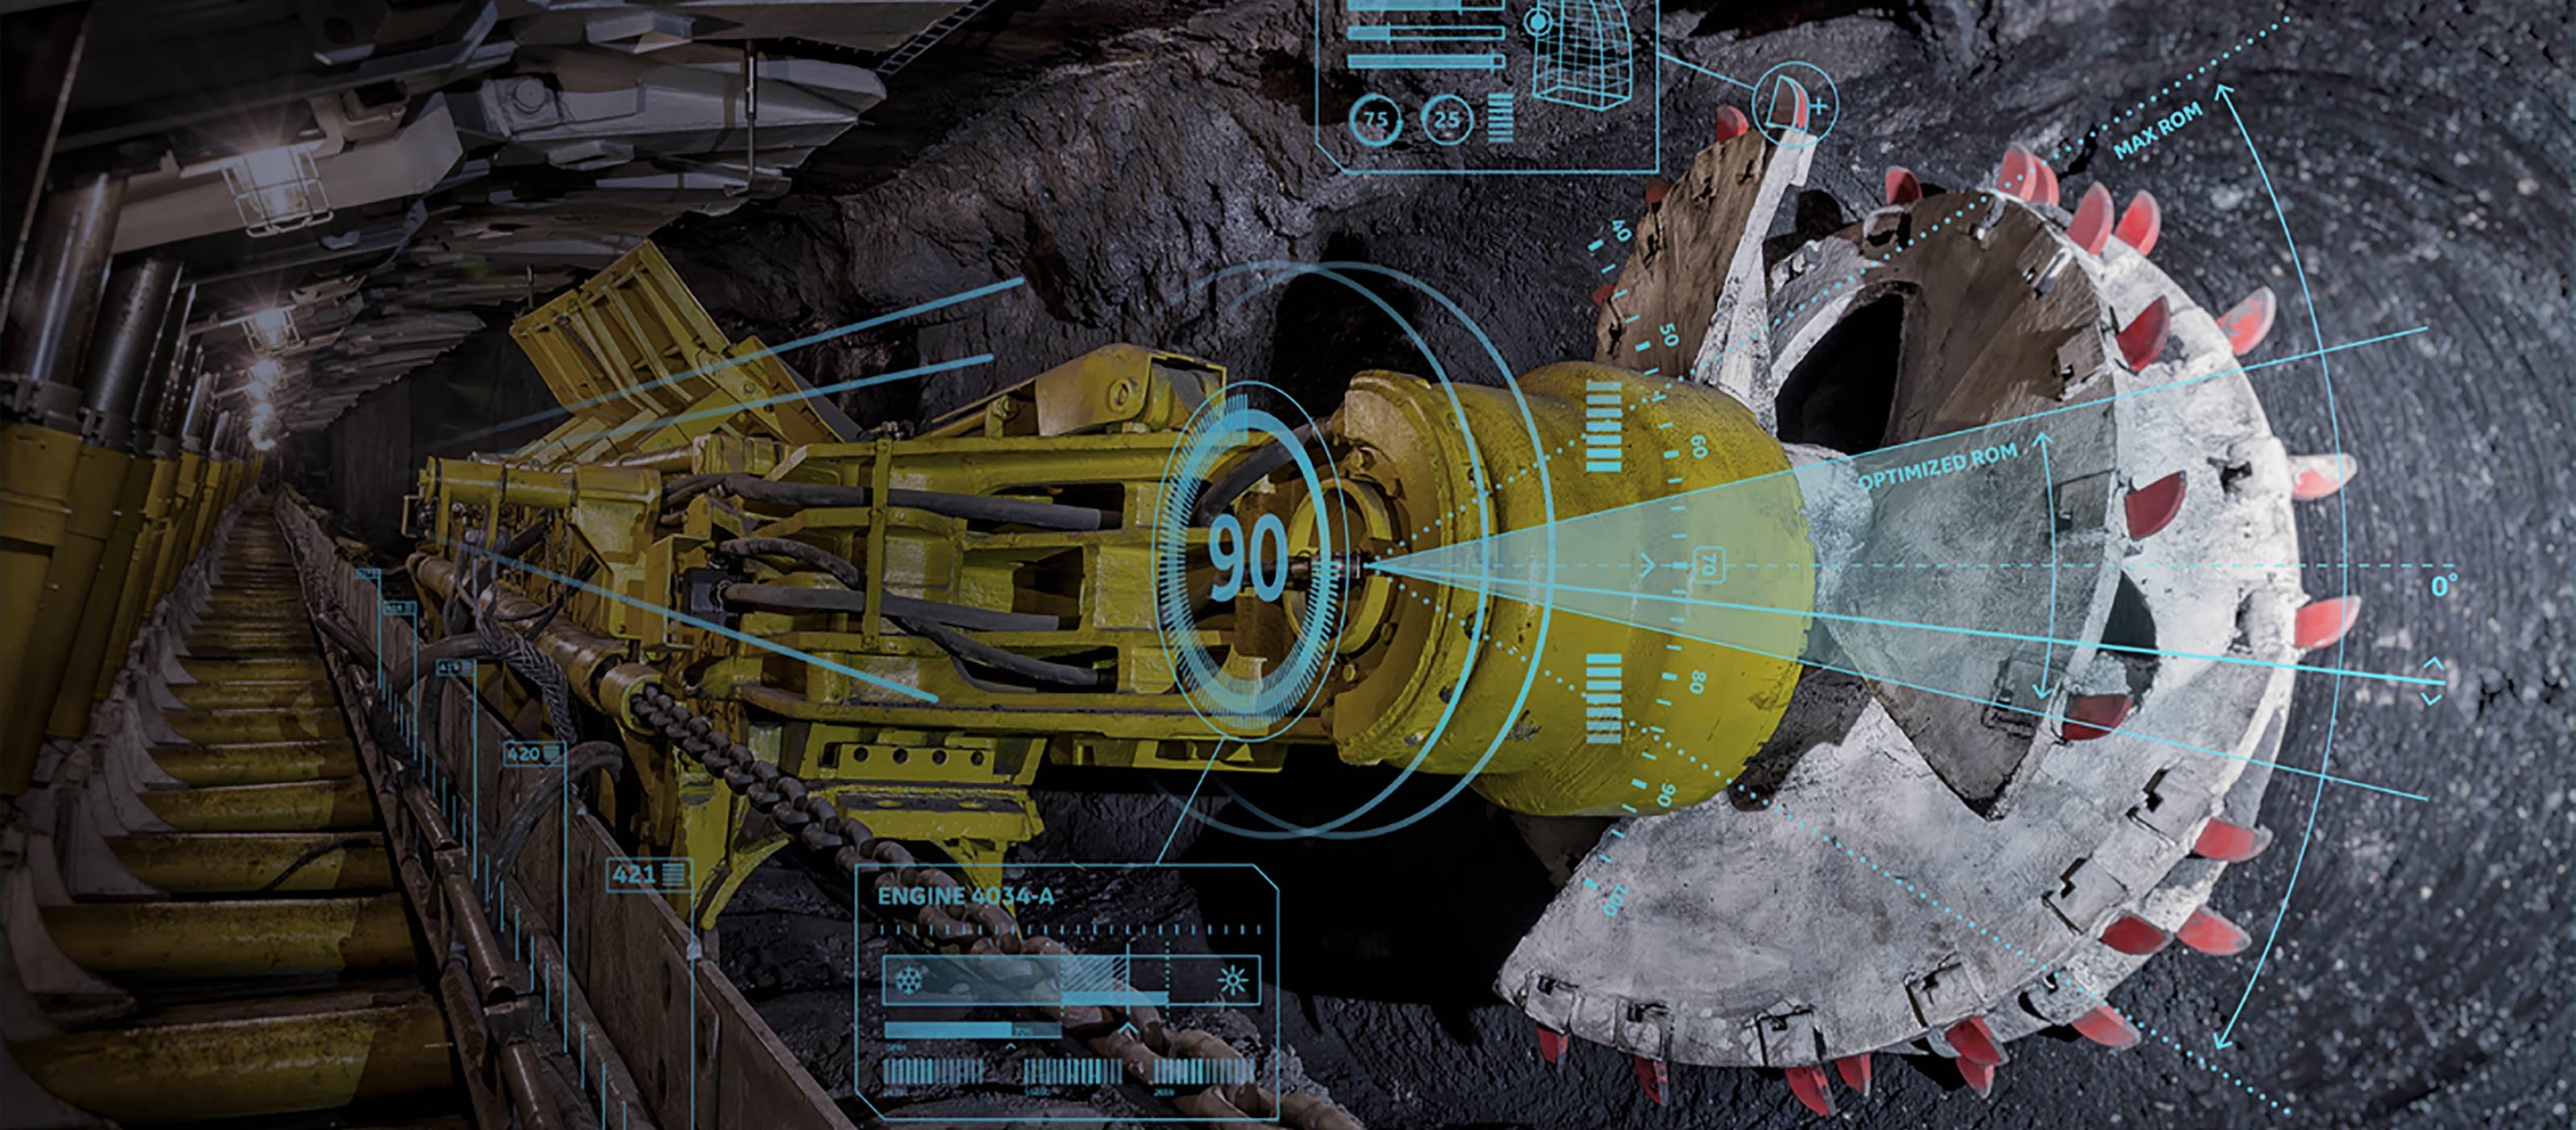 header-analytics-machine-learning-GE-mine-grinder-3200x1404.jpg